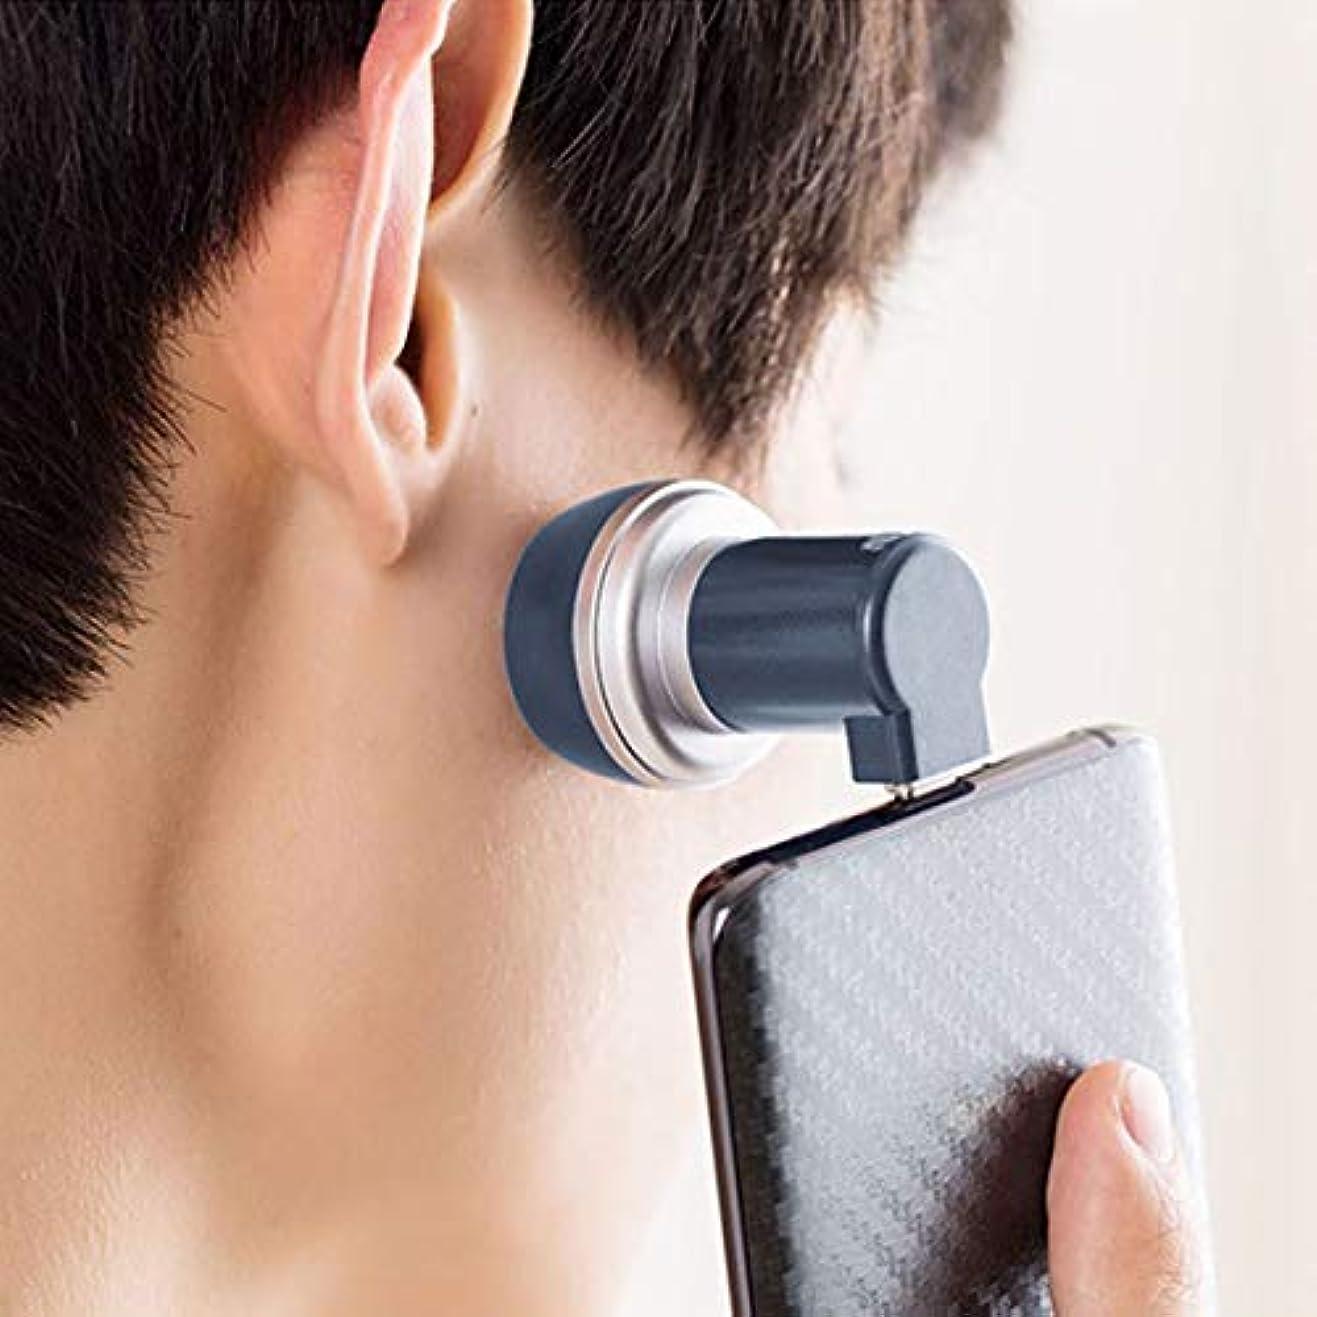 崇拝しますキルト葡萄メンズ 電気 シェーバー 髭剃り 回転式 ミニ 電動ひげそり 携帯電話/USB充電式 持ち運び便利 ビジネス 海外対応 type-c/USB/lightningポート (鉱石ブルー, Type-C)